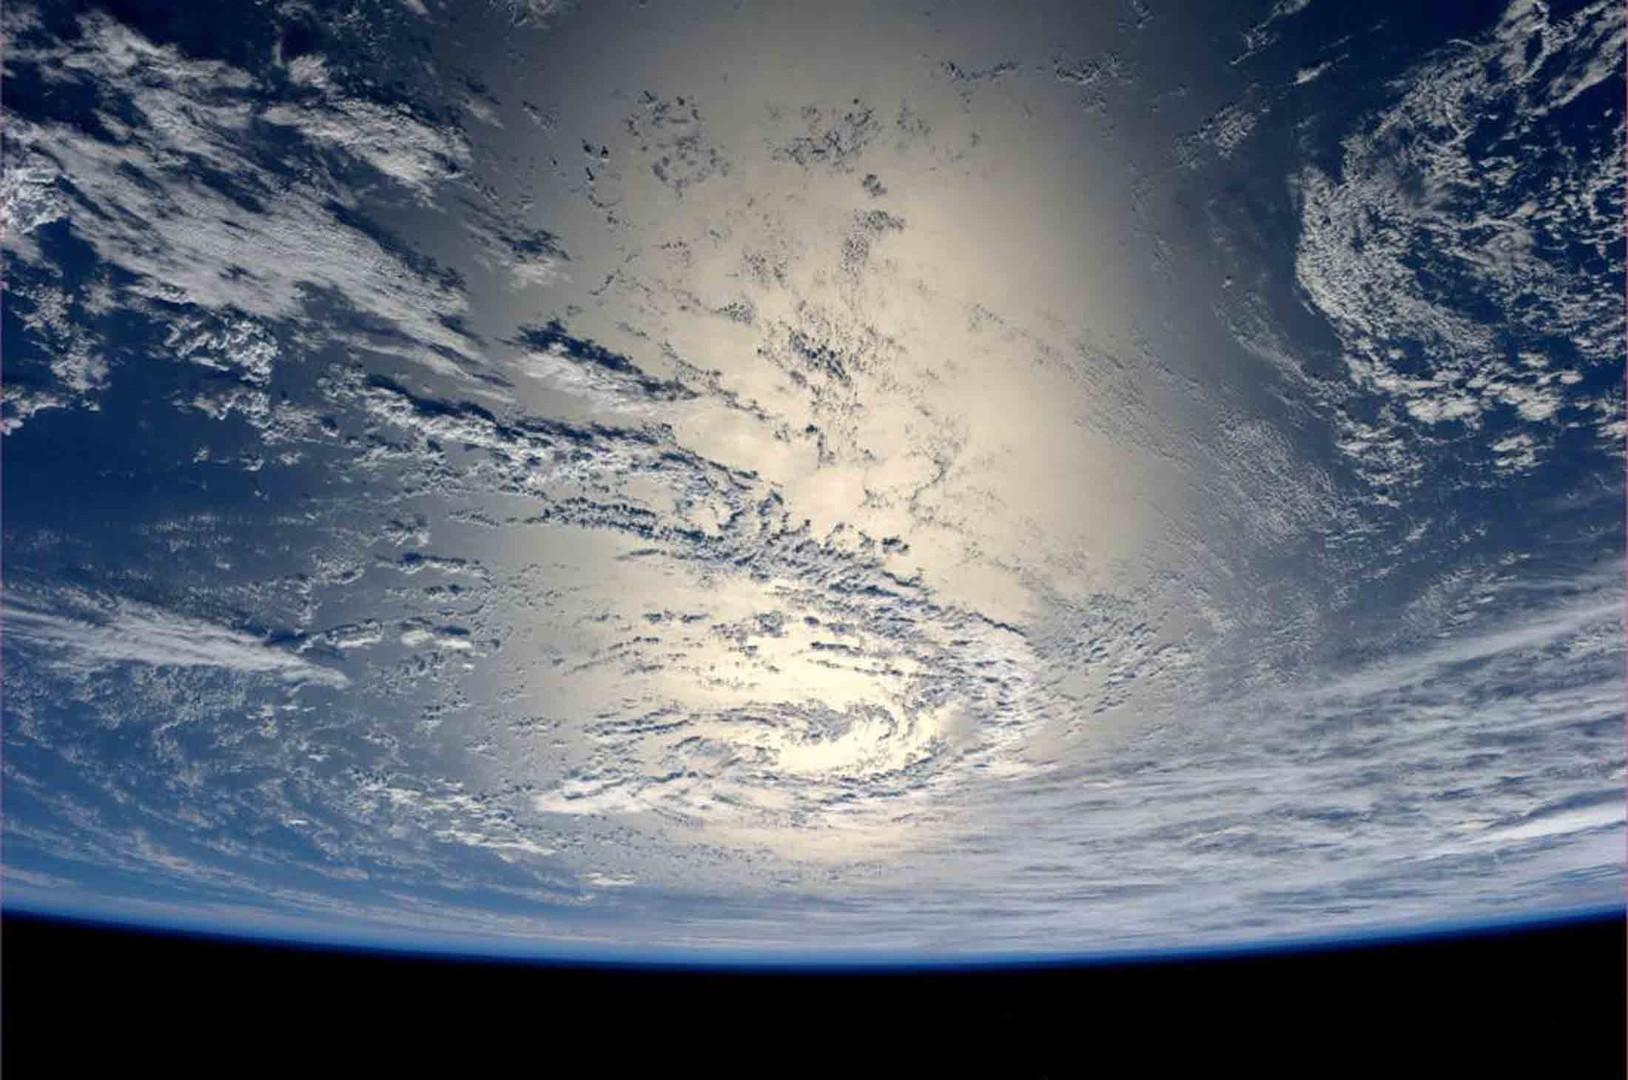 Российская разработка сможет оценить мировую экономику из космоса